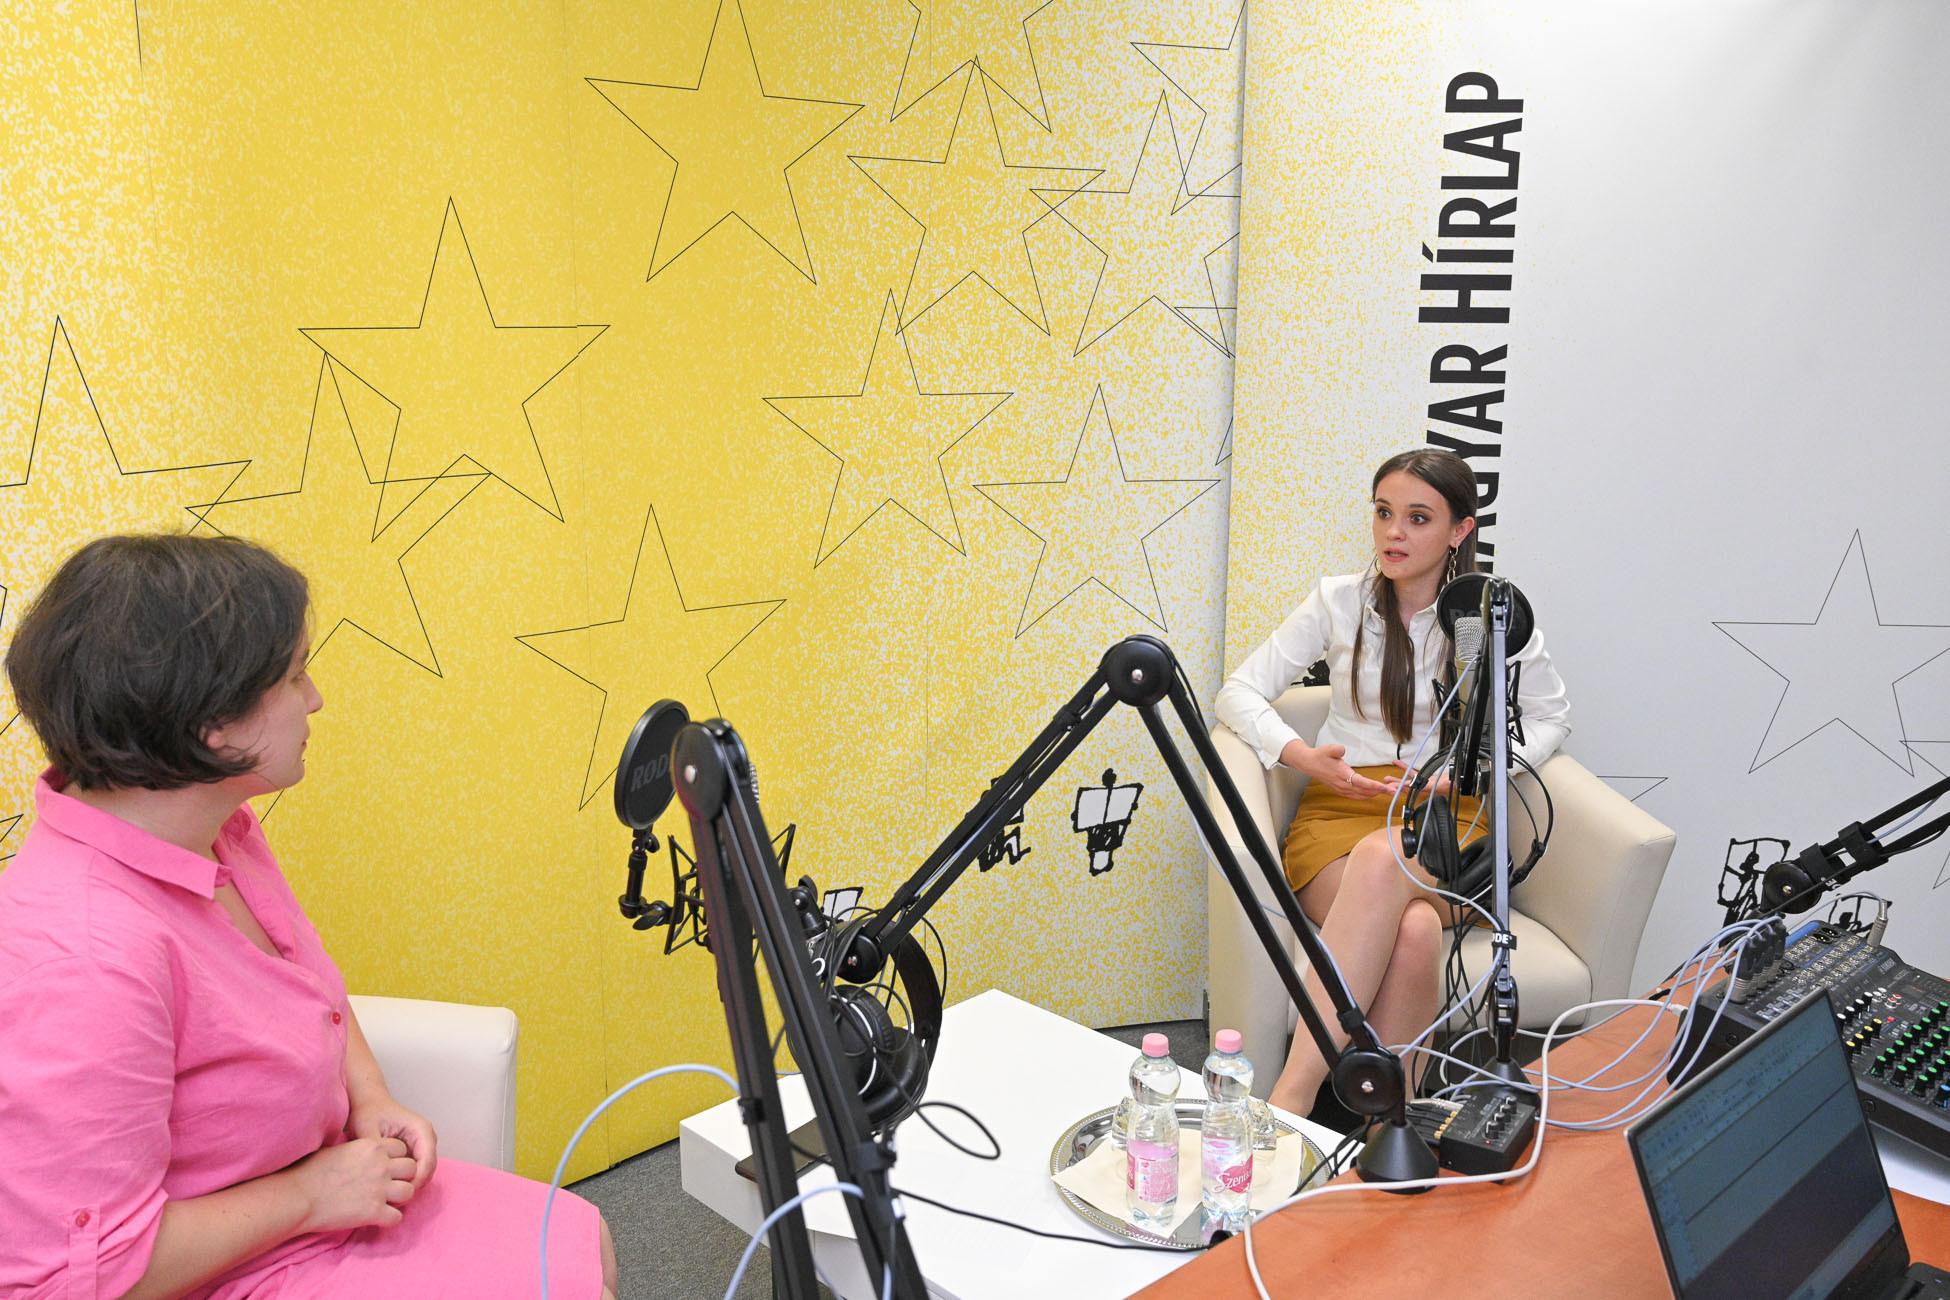 Lapunk főmunkatársa, Őry Mariann és Halkó Petra, a Századvég vezető elemzője a Faktum műsorának felvételén